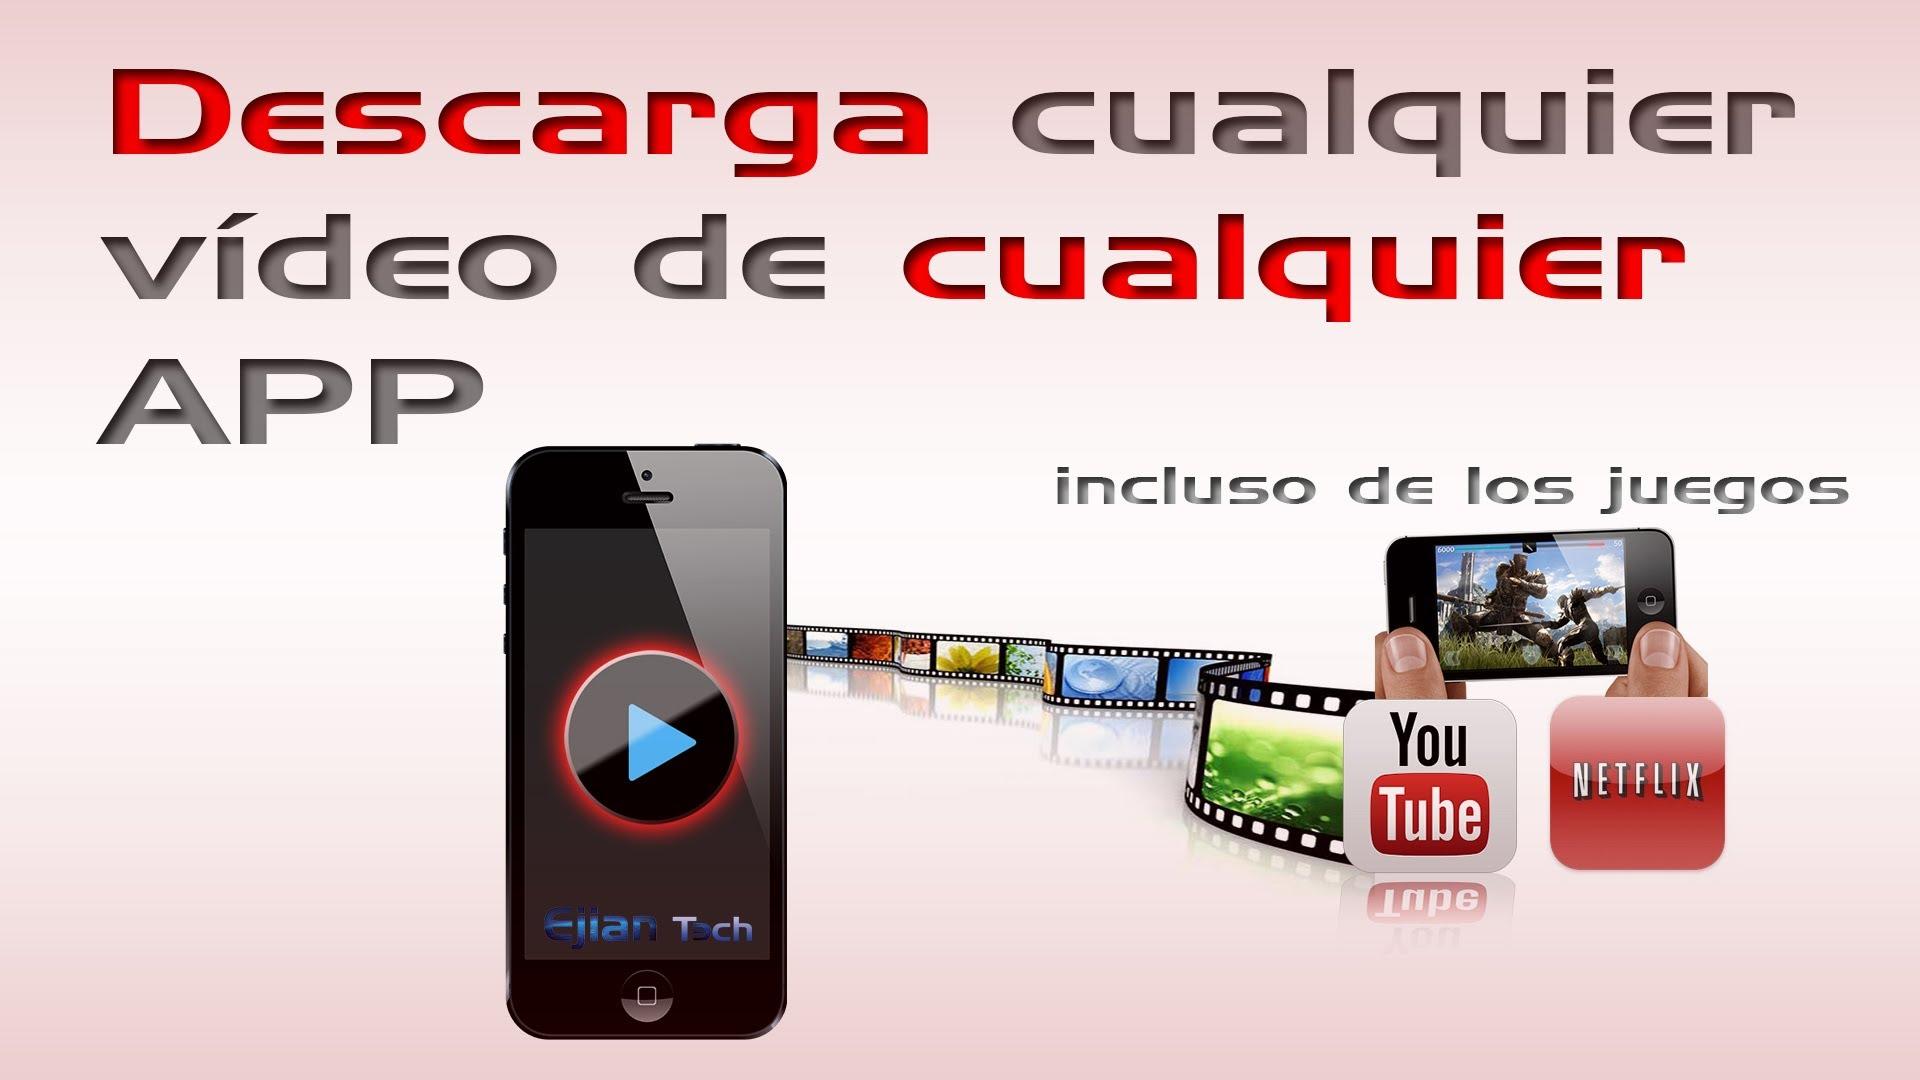 Descarga los vídeos de cualquier app como netflix o youtube.